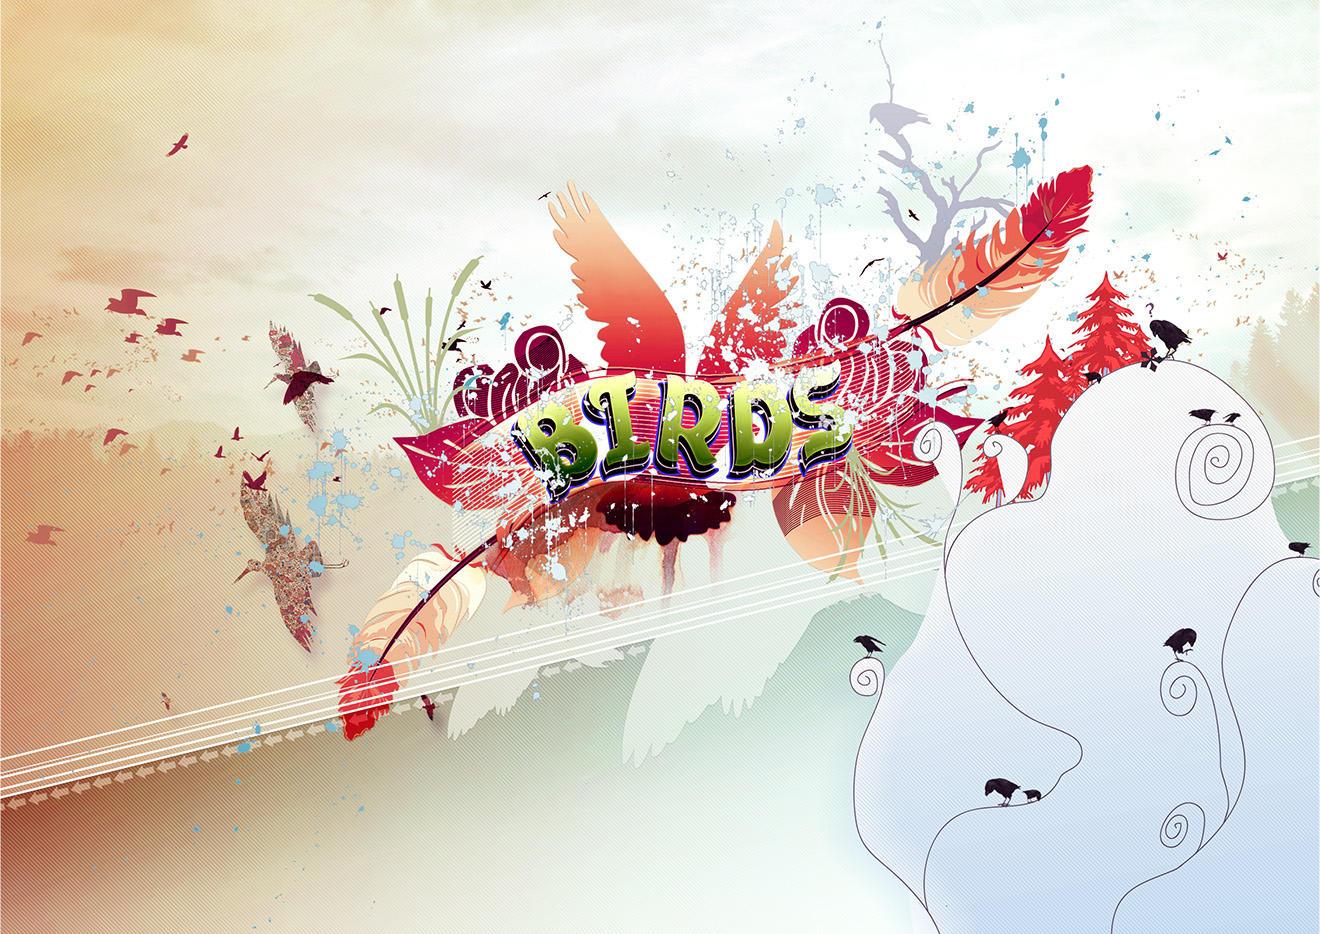 the birds by Shinybinary